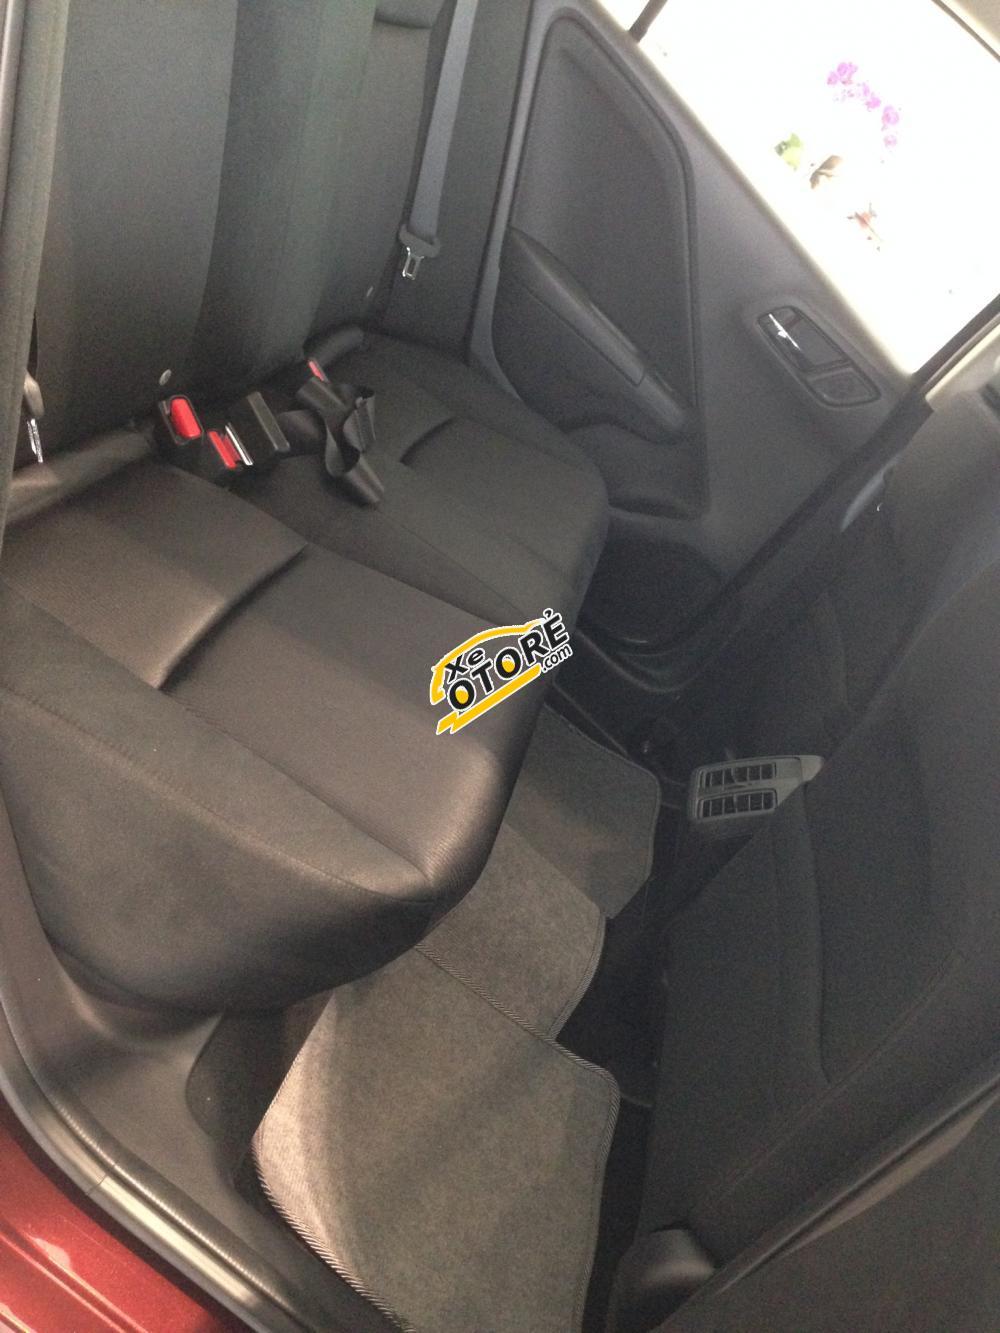 [Lâm Đồng]Honda Nha Trang bán Honda City đời 2017, màu đỏ giá 583tr + tặng bảo hiểm phụ kiện, giao xe tận nhà